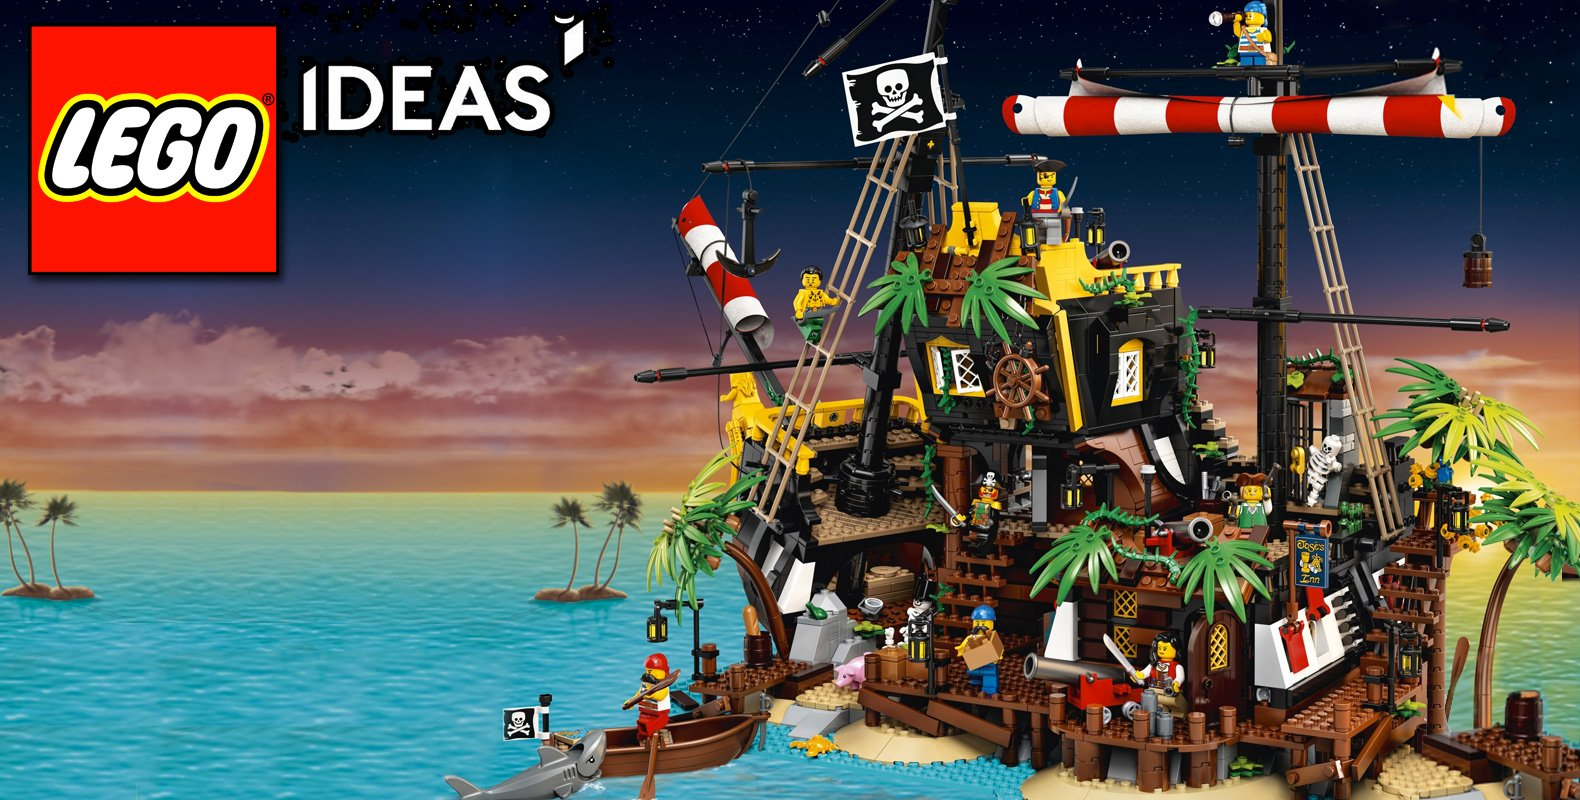 Lego ideas pirates of barracuda bay 07.15.20